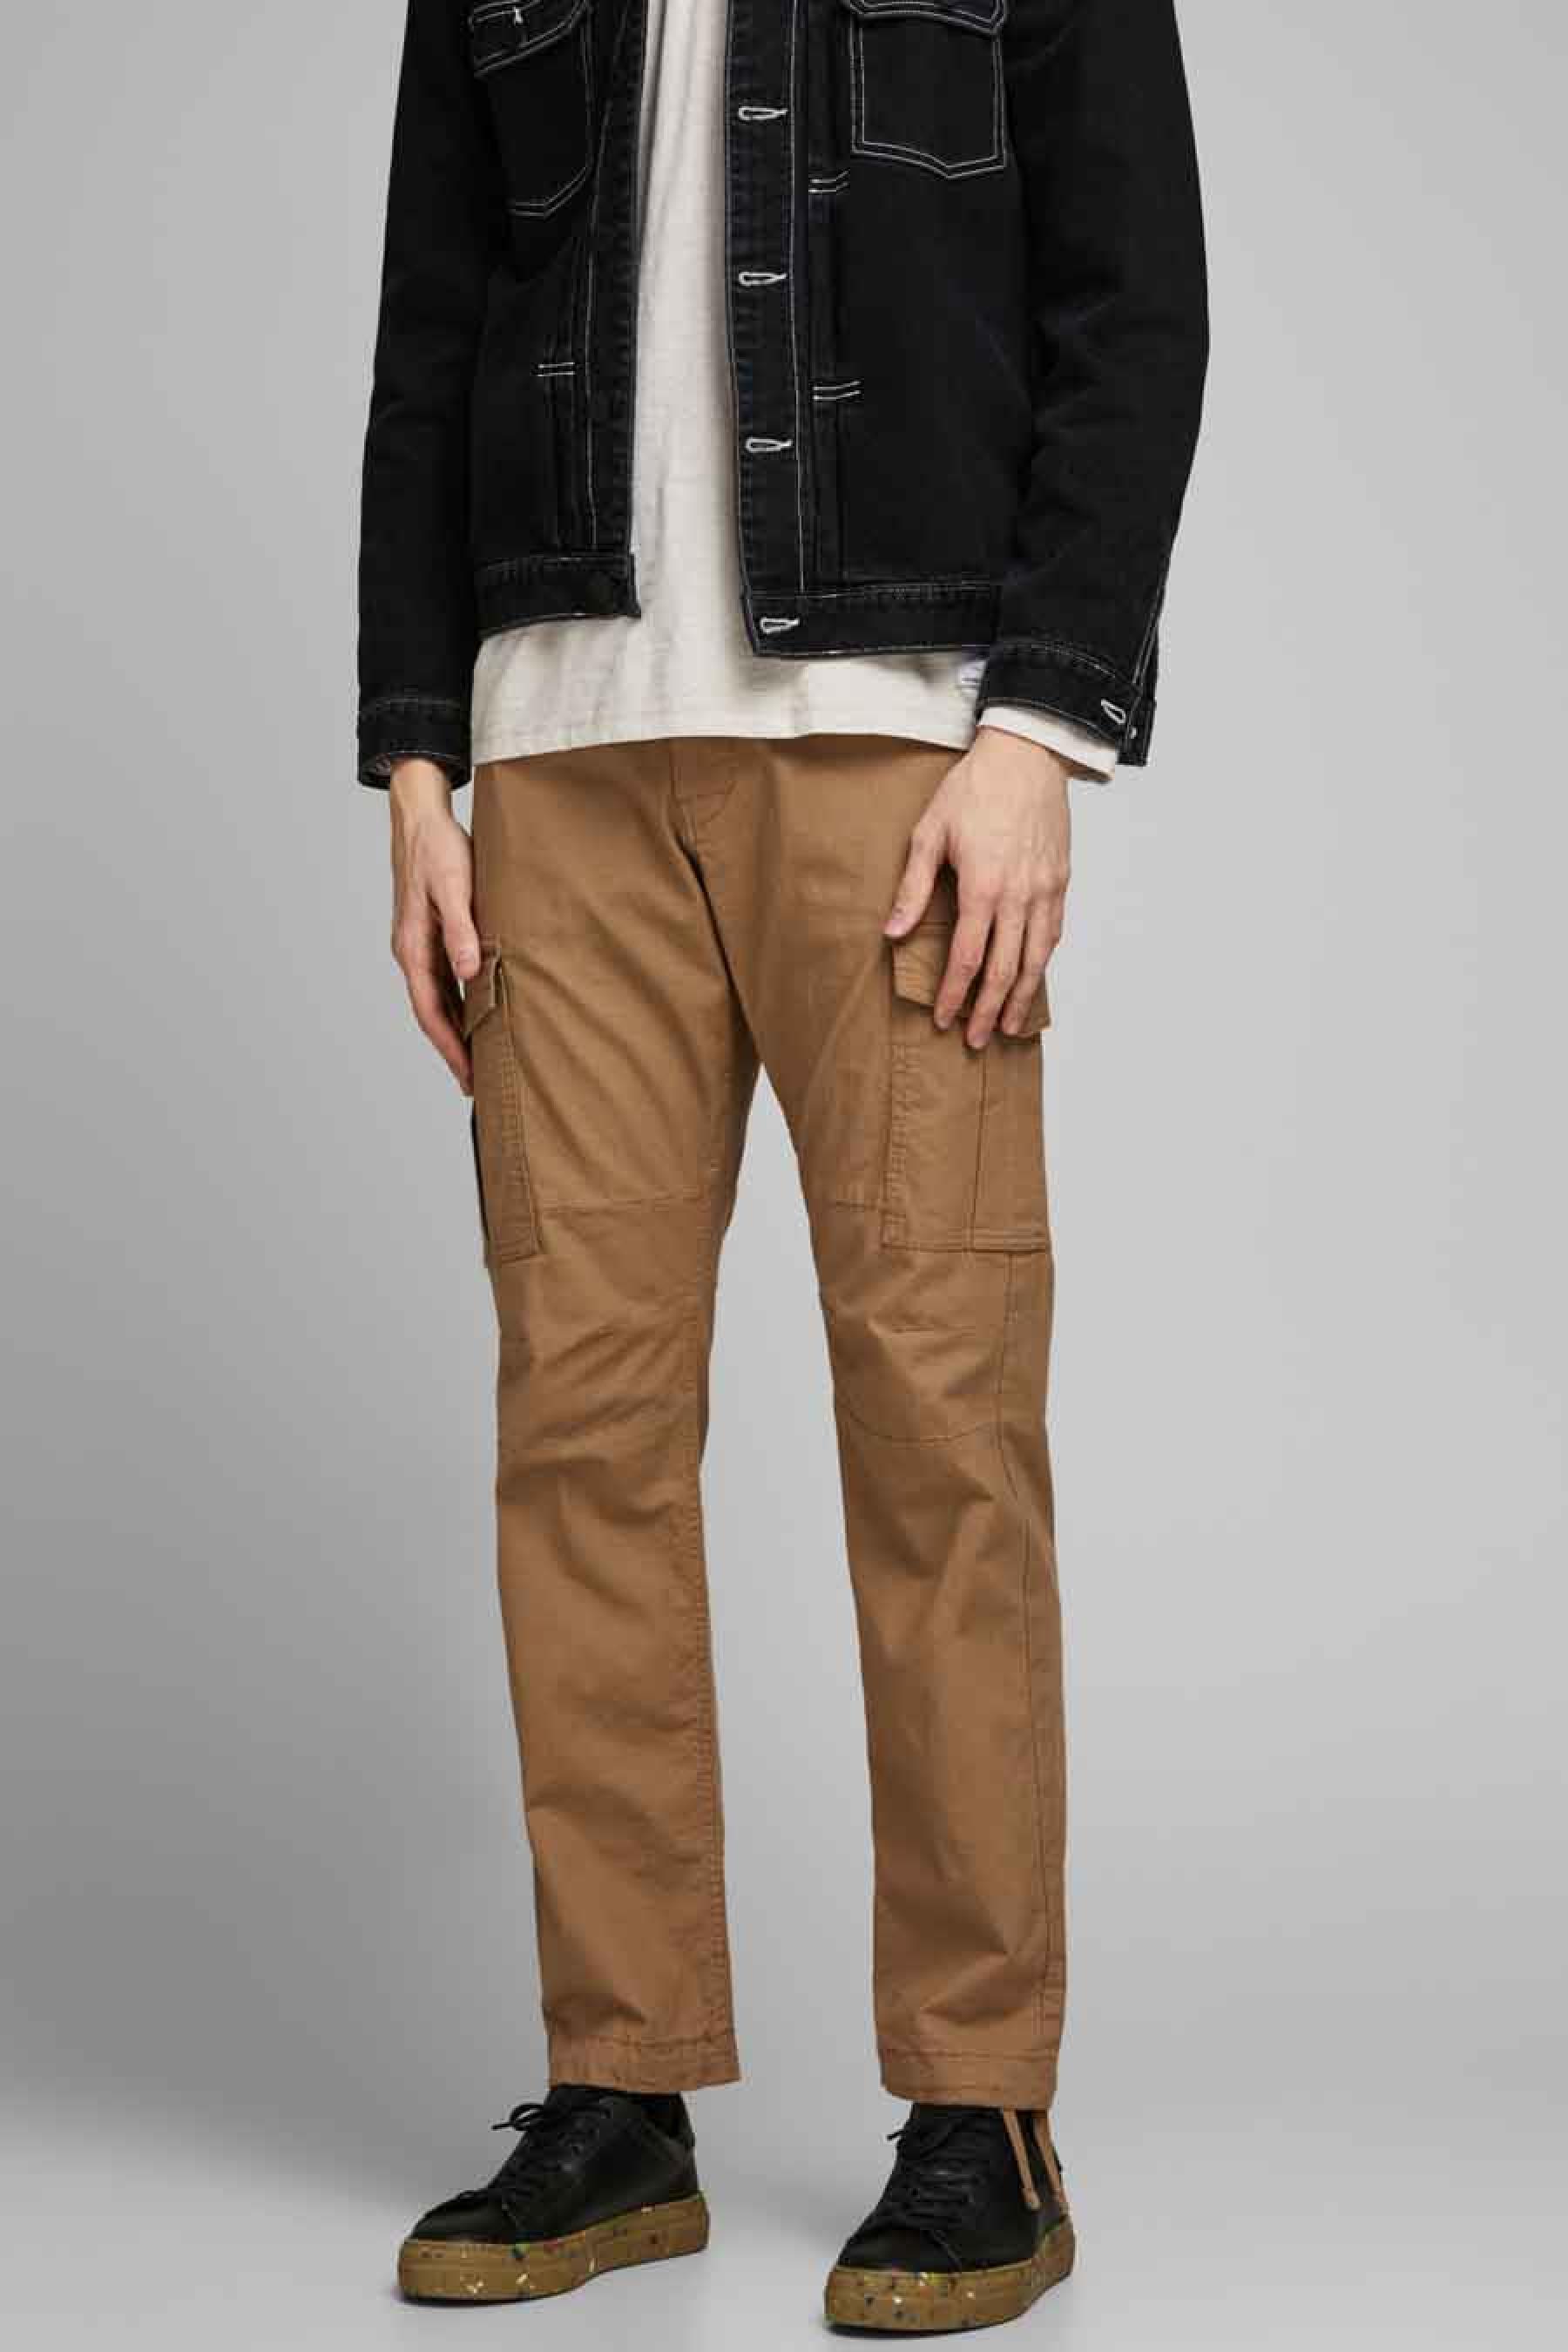 Jack & Jones Jeans Intelligenc Broek, Rood, Heren, Maat: 29x34/33x34/36x34